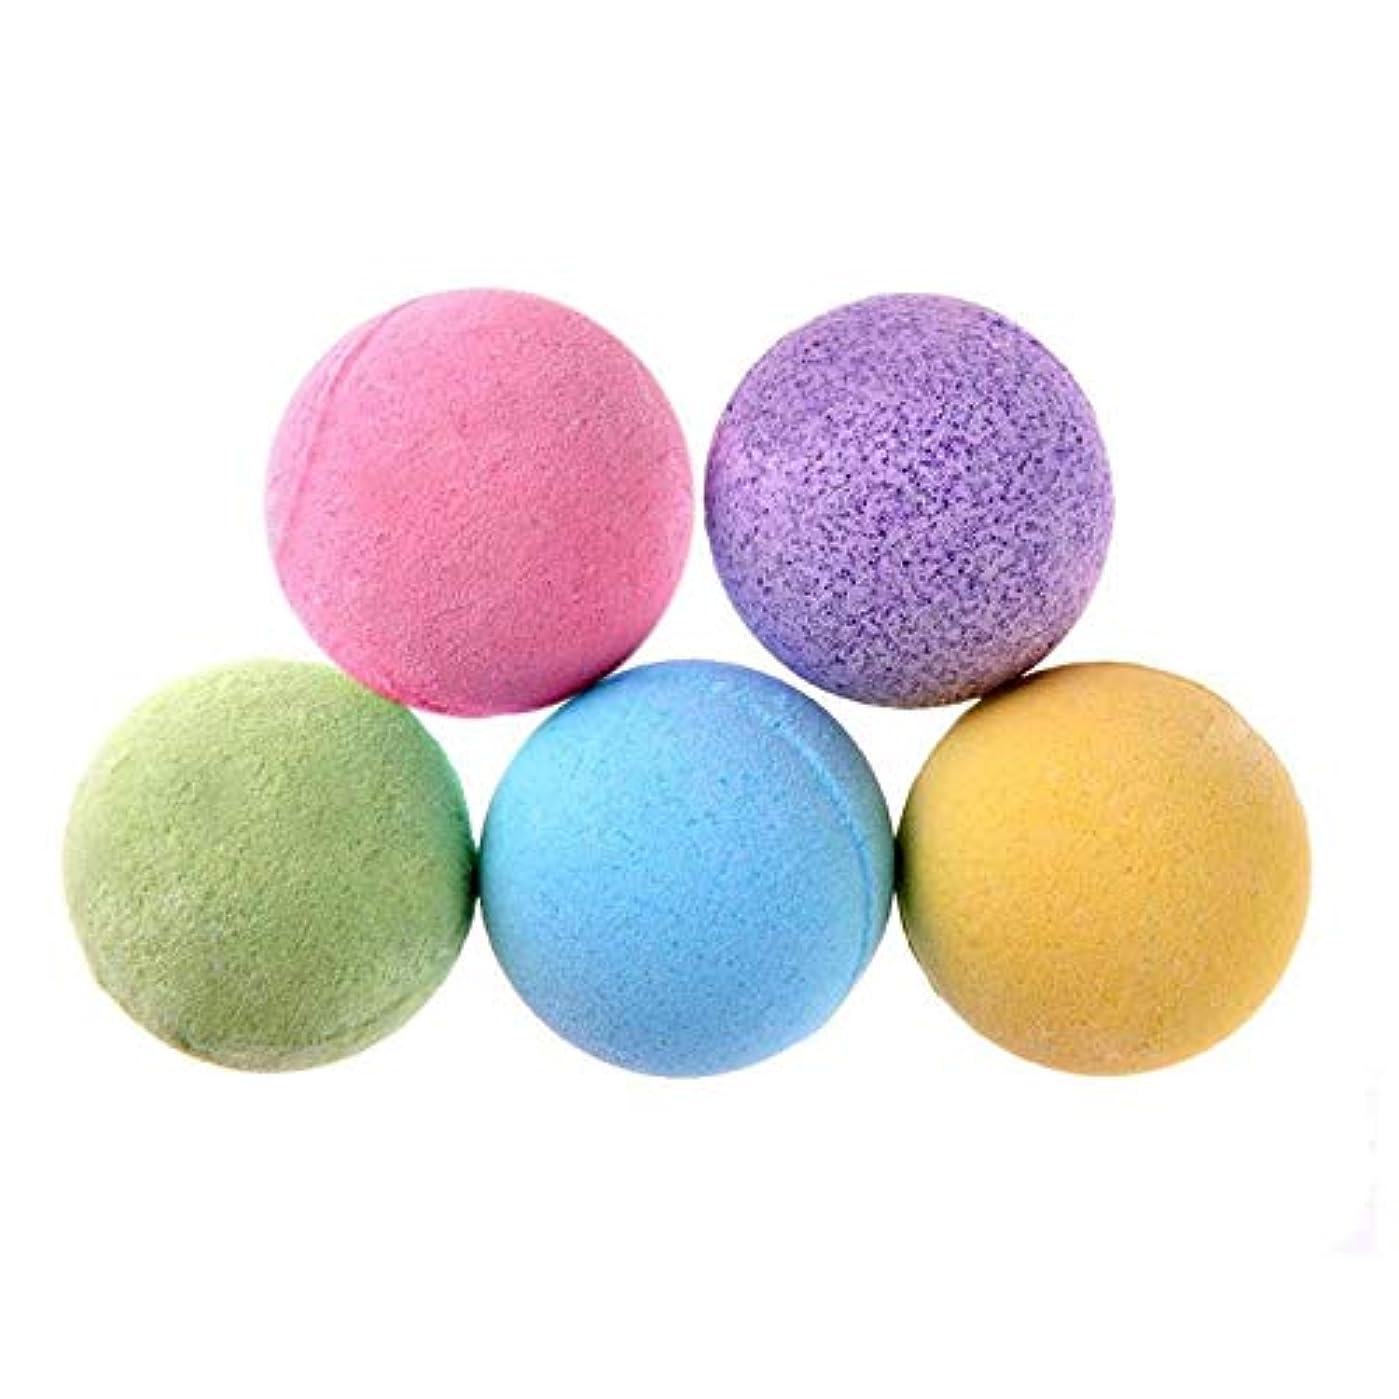 十分ではない溝満足できるHot 10pc 10g Organic Bath Salt Body Essential Oil Bath Ball Natural Bubble Bath Bombs Ball Rose/Green tea/Lavender/Lemon/Milk